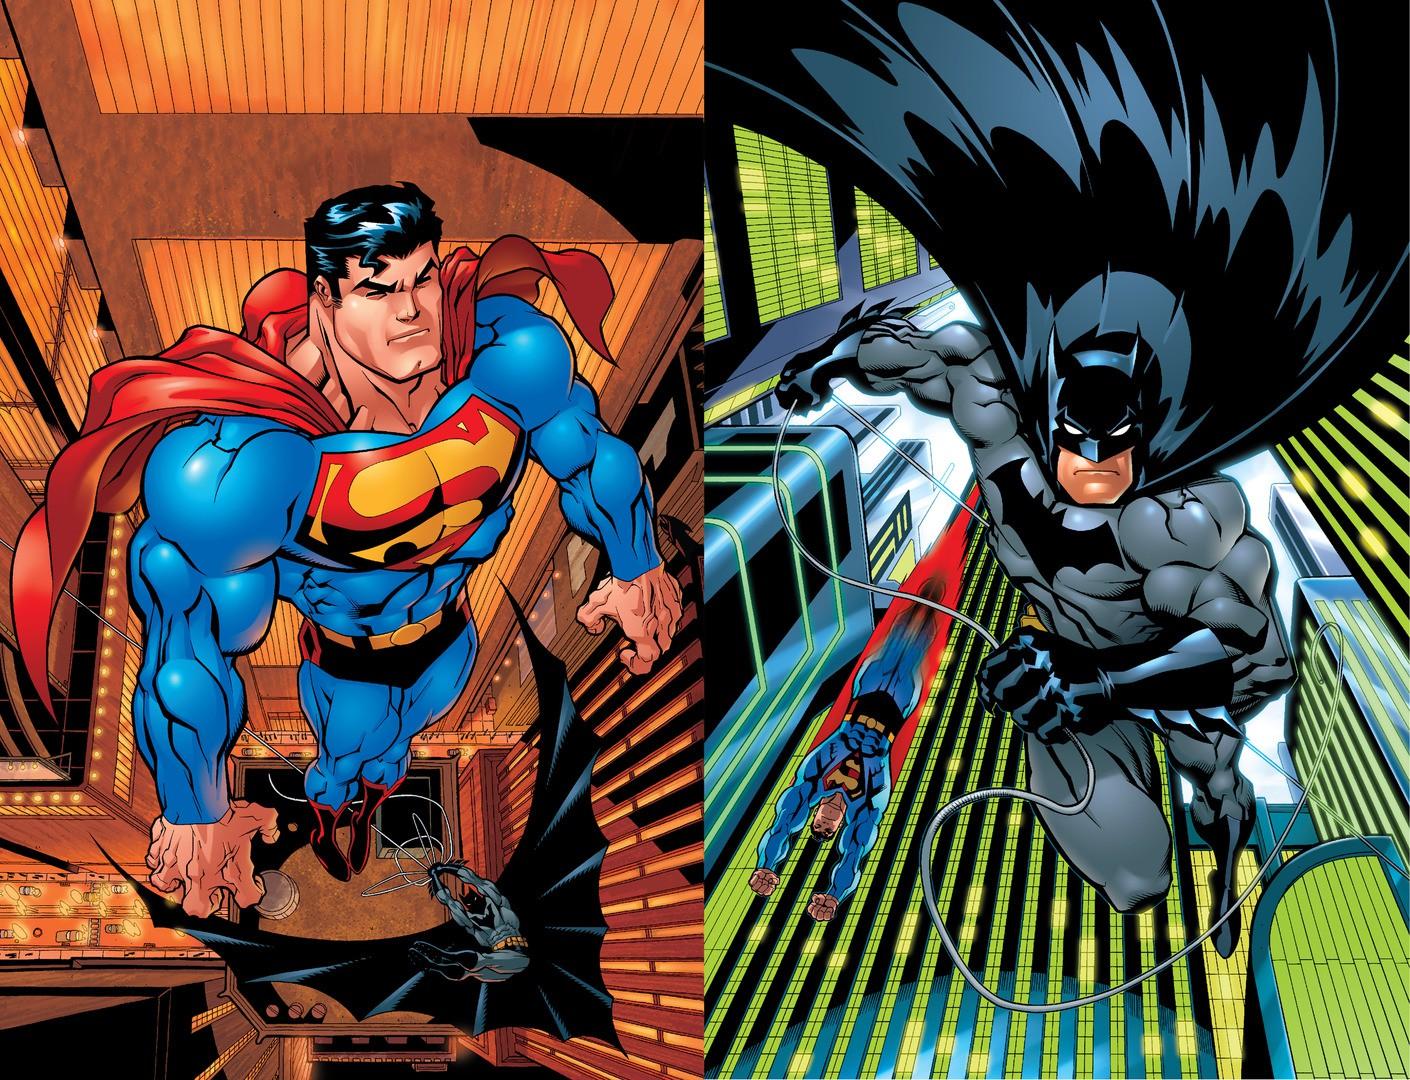 Comics — Издательству Vertigo и его комиксы